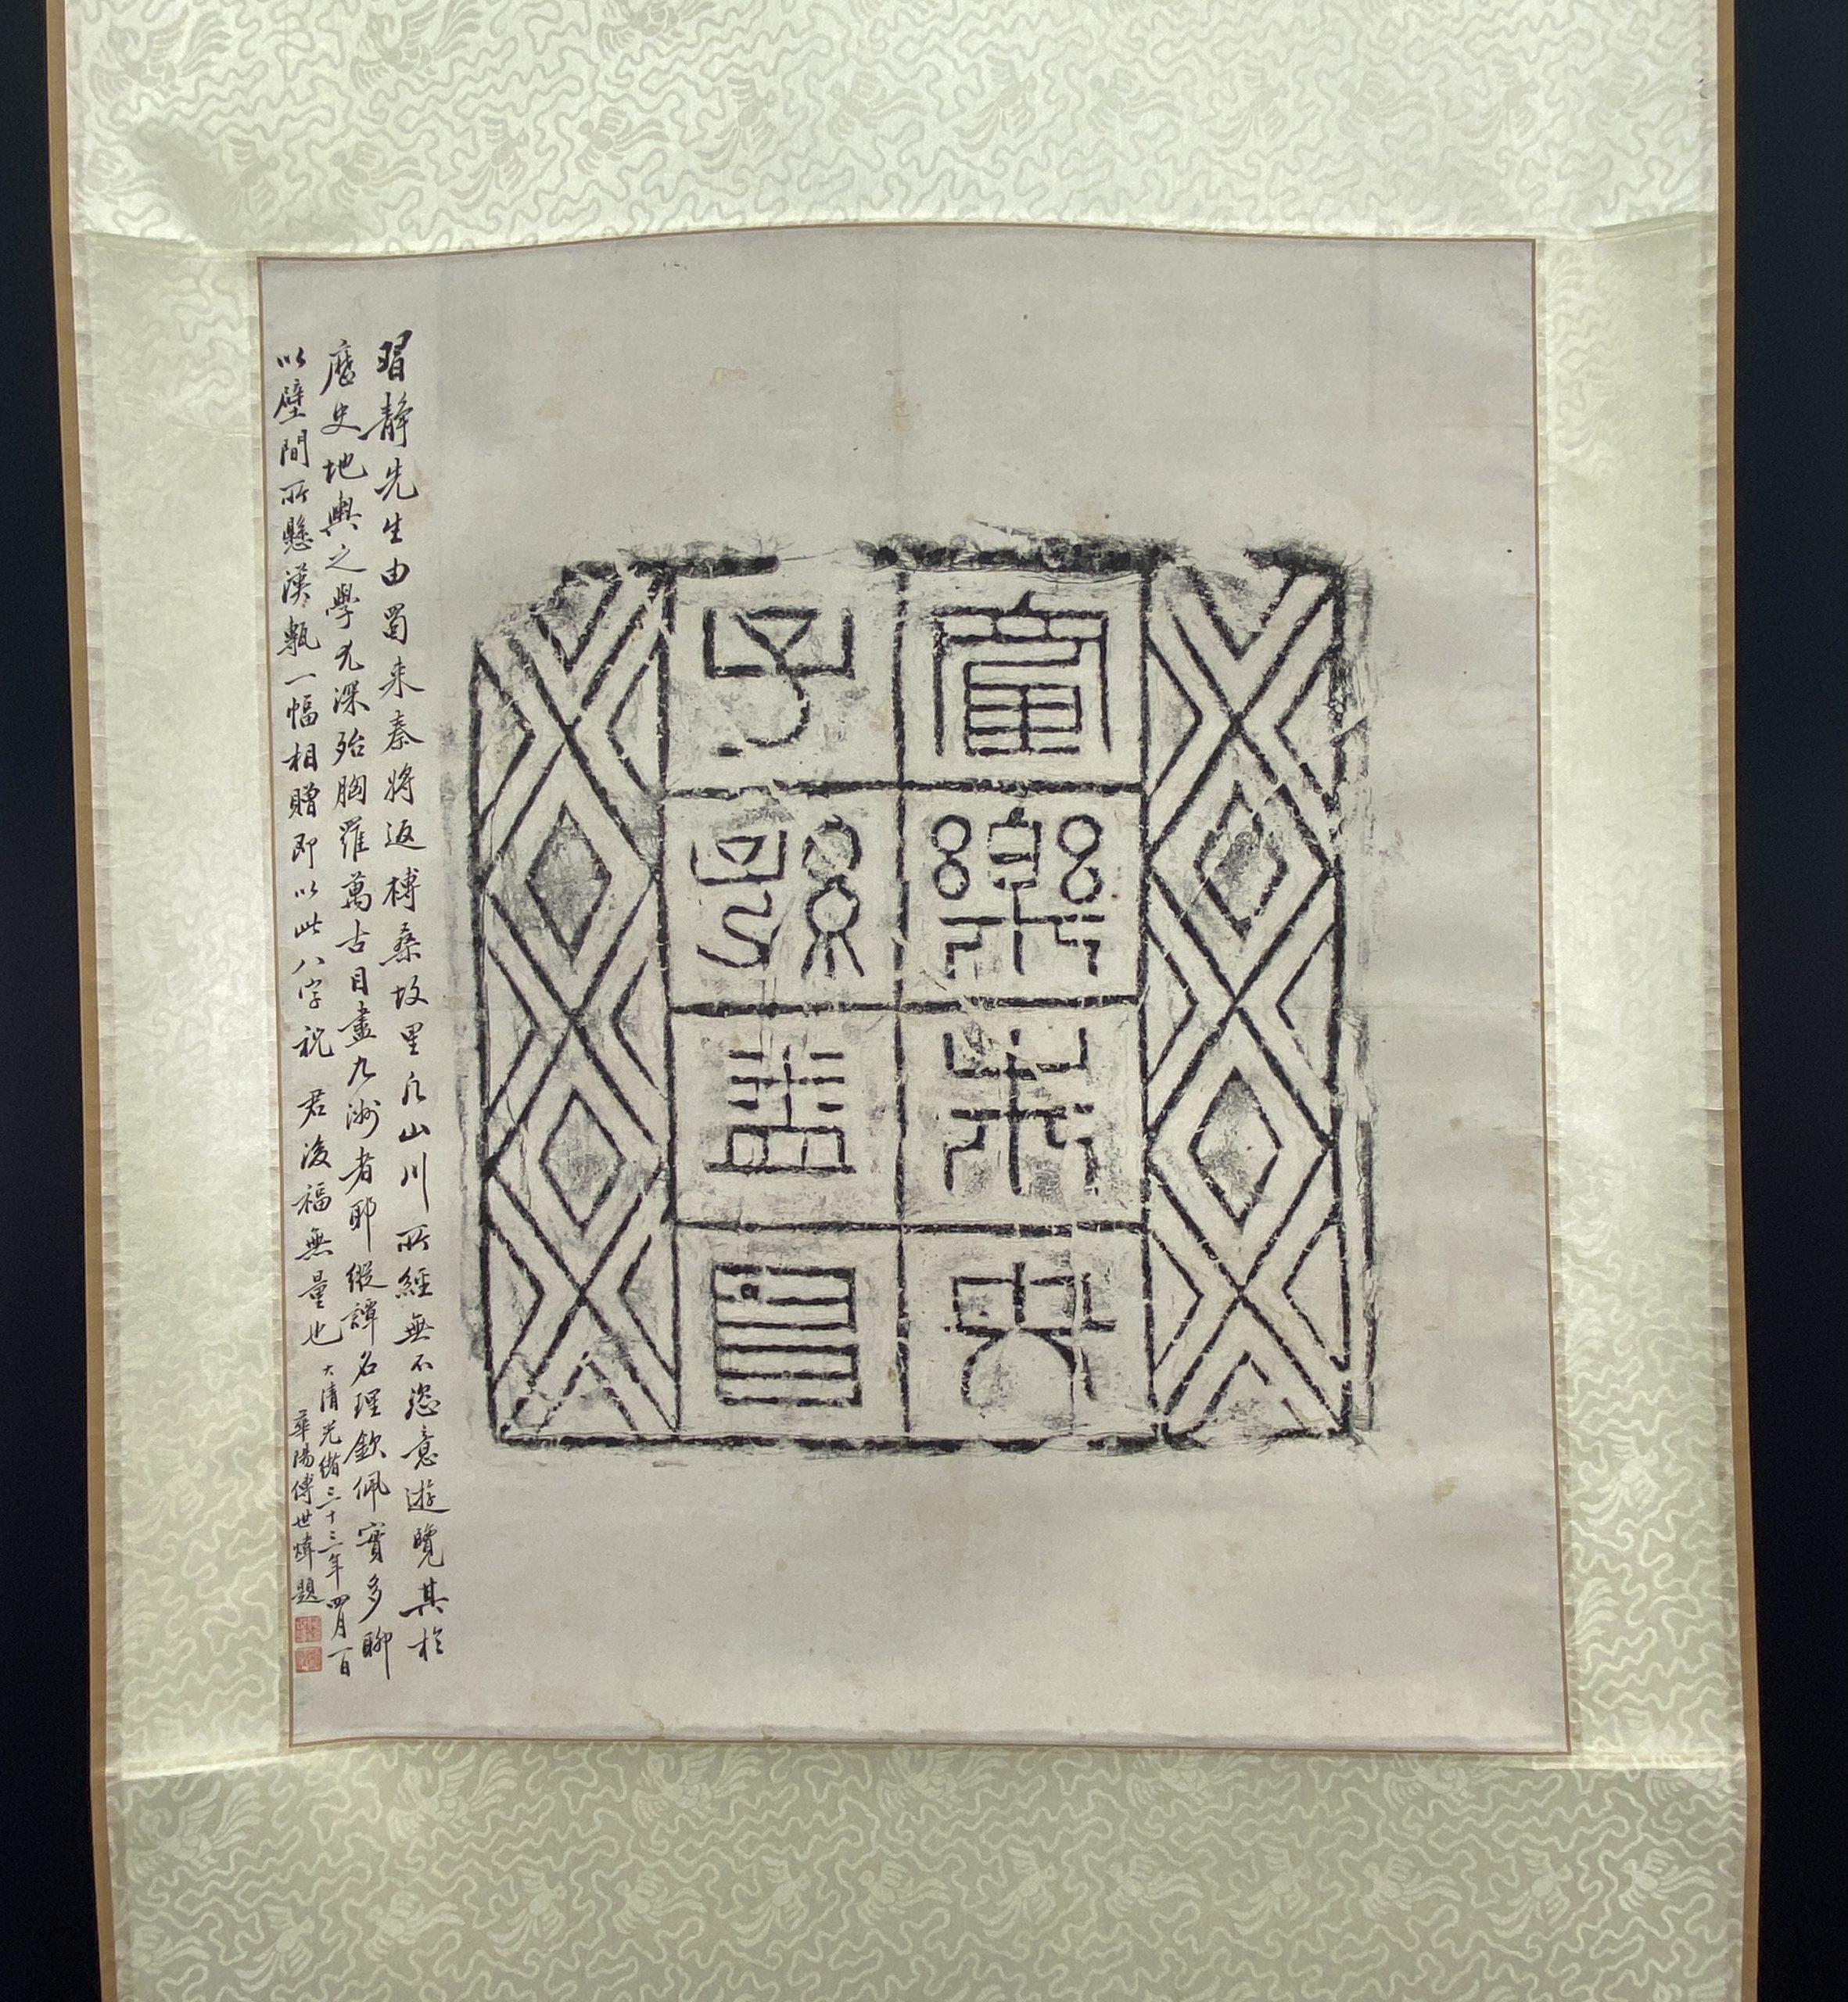 30637「傳世煒」款 埤拓本賛 軸52.5×45.5cm